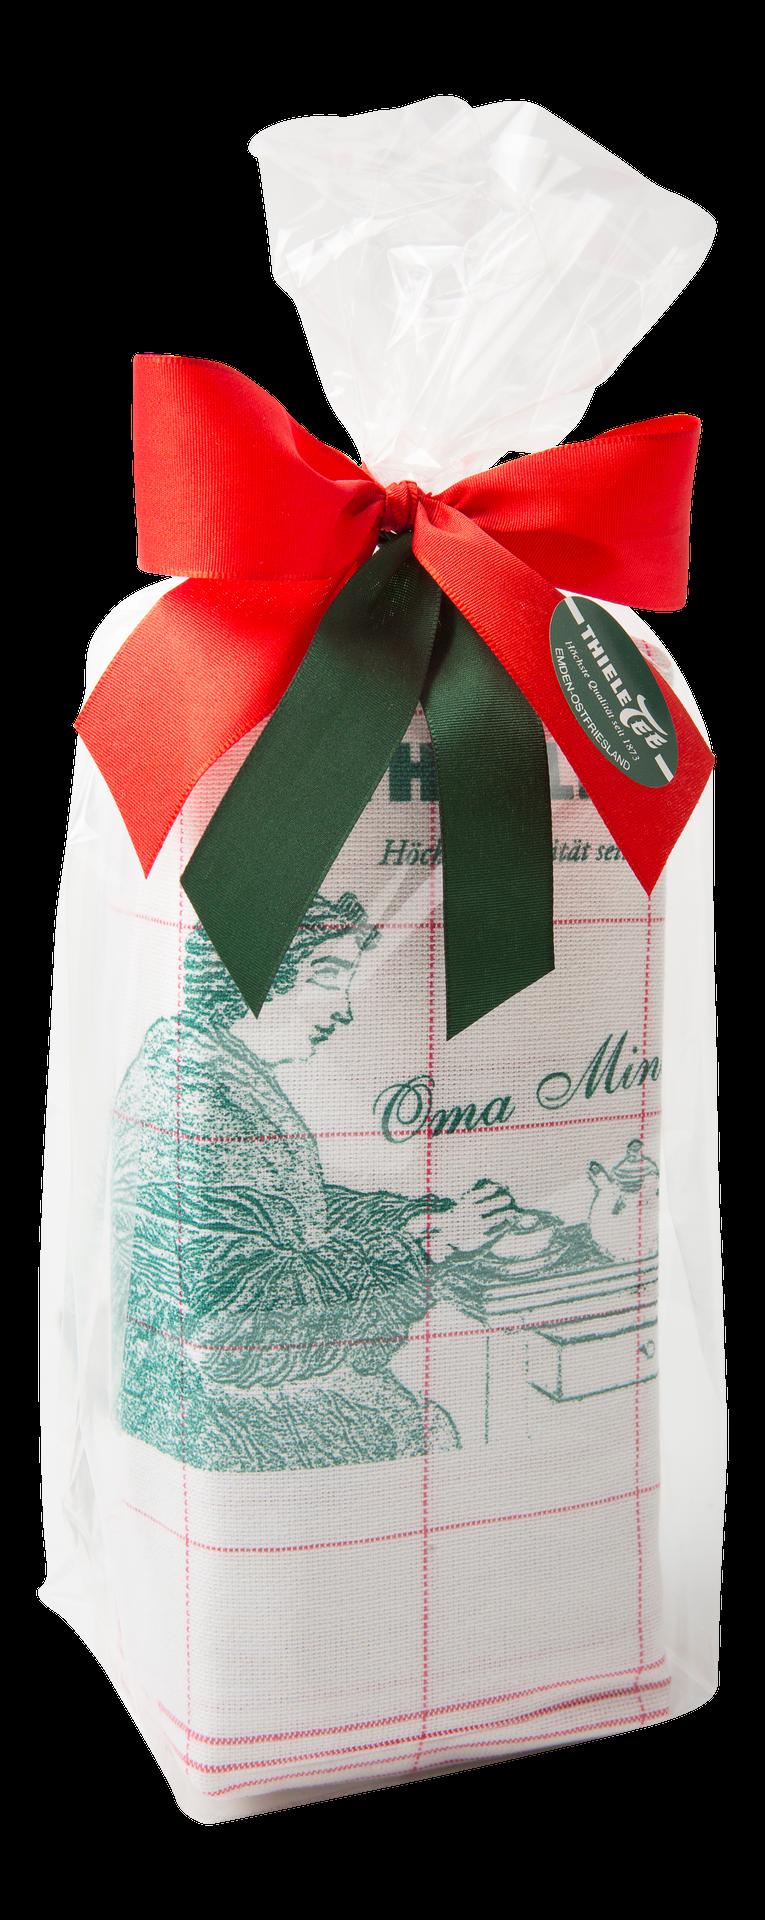 Oma Mine - Das gute Echt ostfriesische Pfund